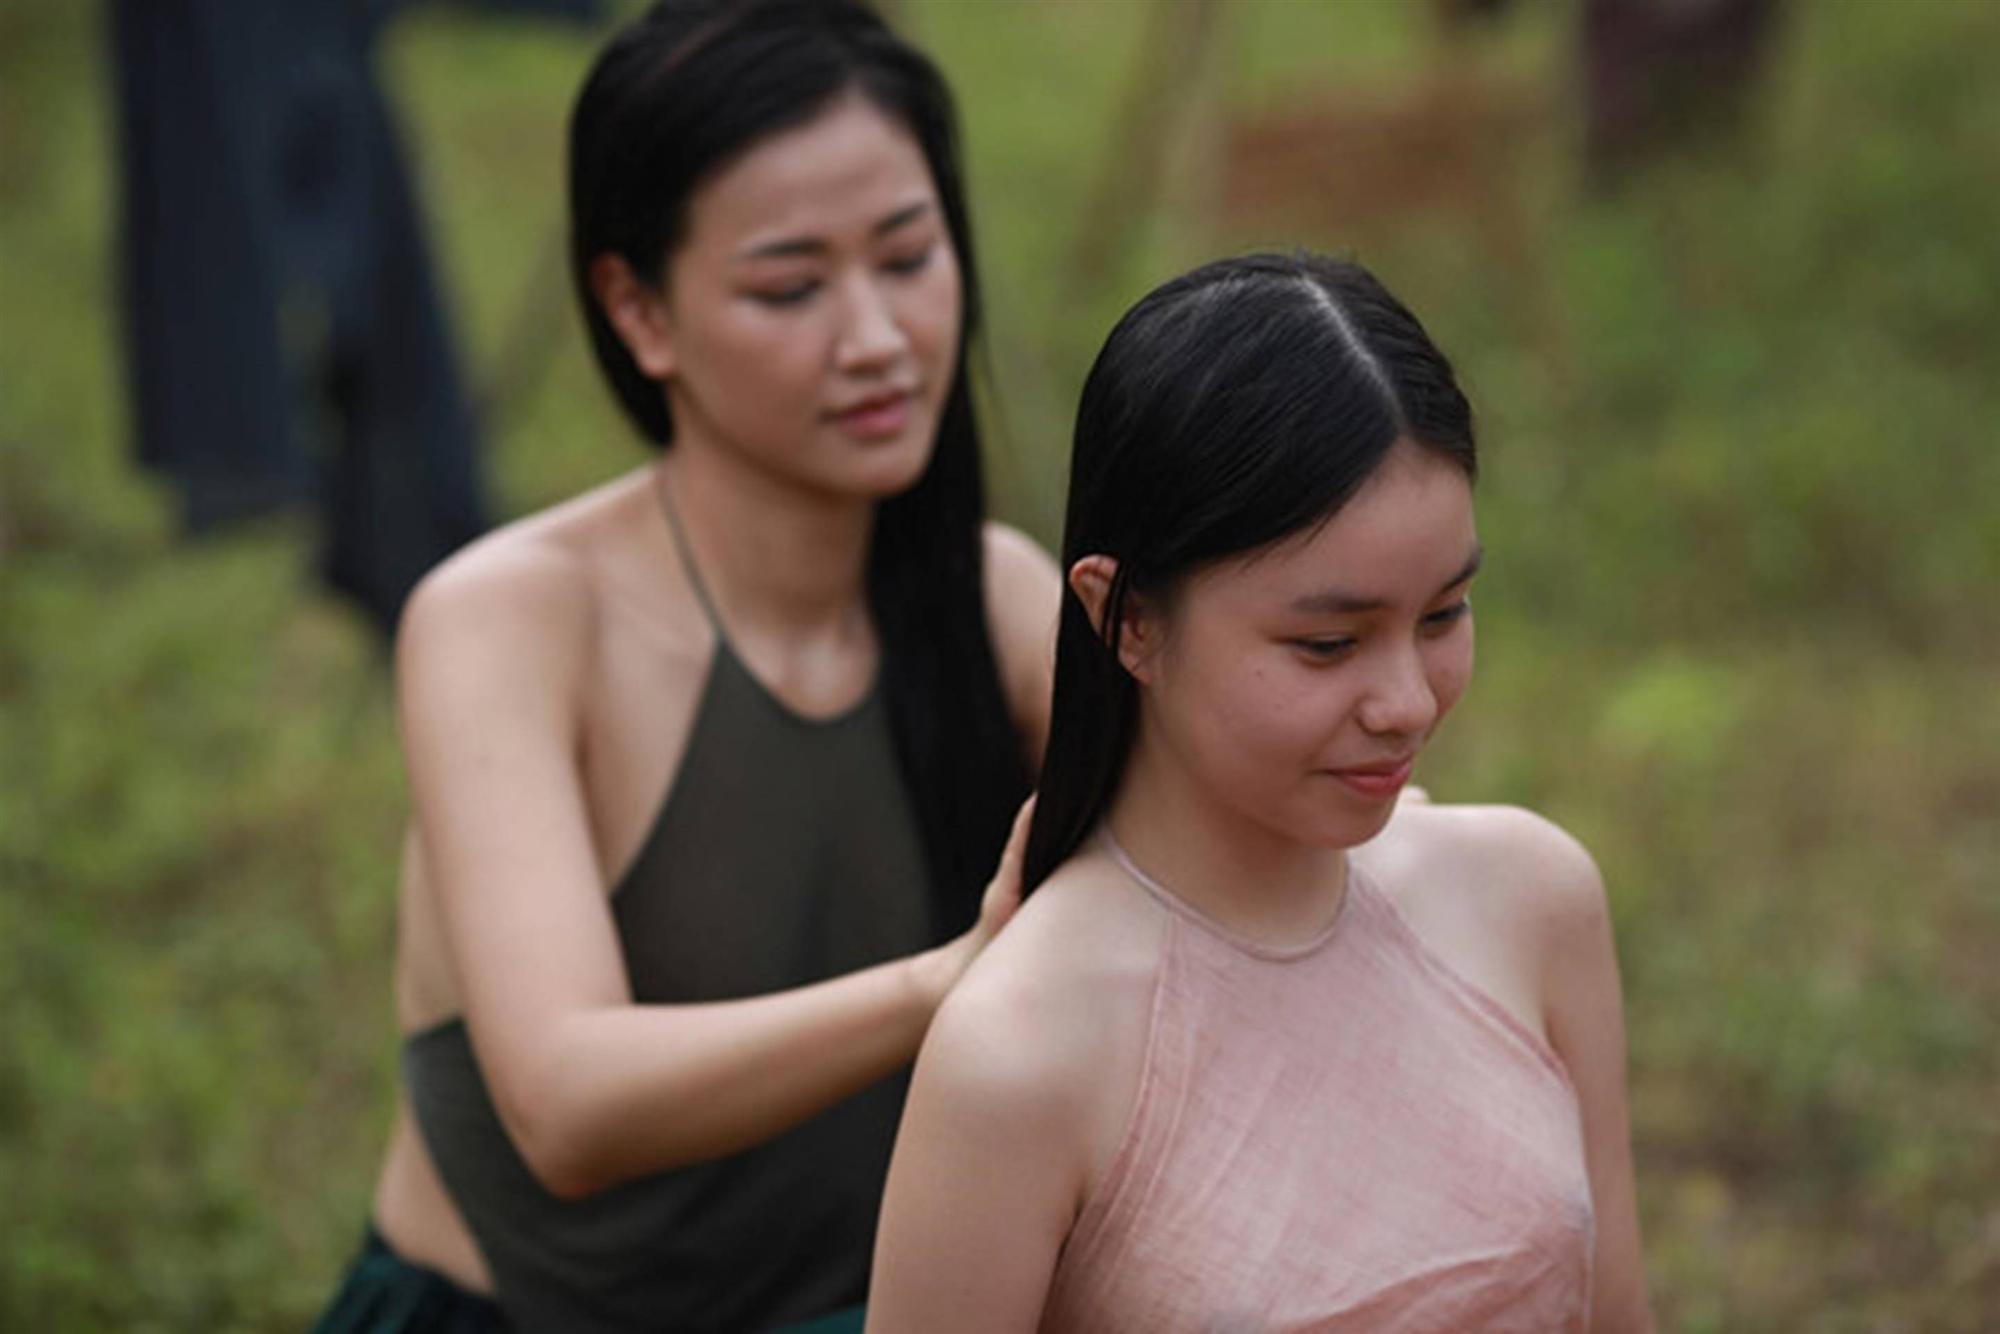 Nhan sắc cô gái Việt đóng cảnh nóng năm 13 tuổi trong phim Vợ ba-2